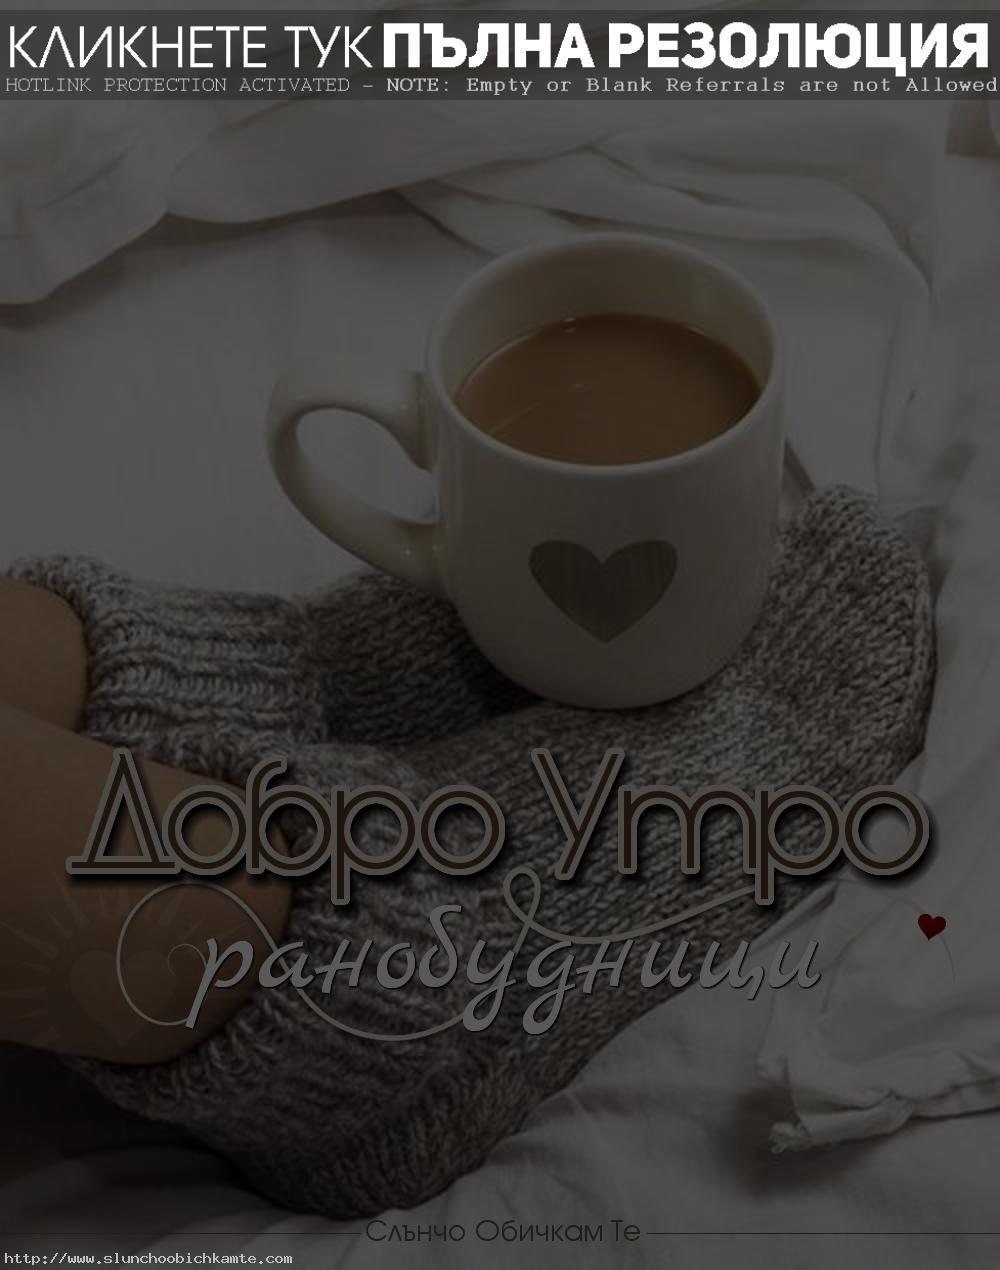 Добро утро, ранобудници - Пожелания за добро утро, добро утро в понеделник, добро утро във вторник, добро утро в сряда, добро утро в четвъртък, добро утро в петък, добро утро уикенд, събота, неделя